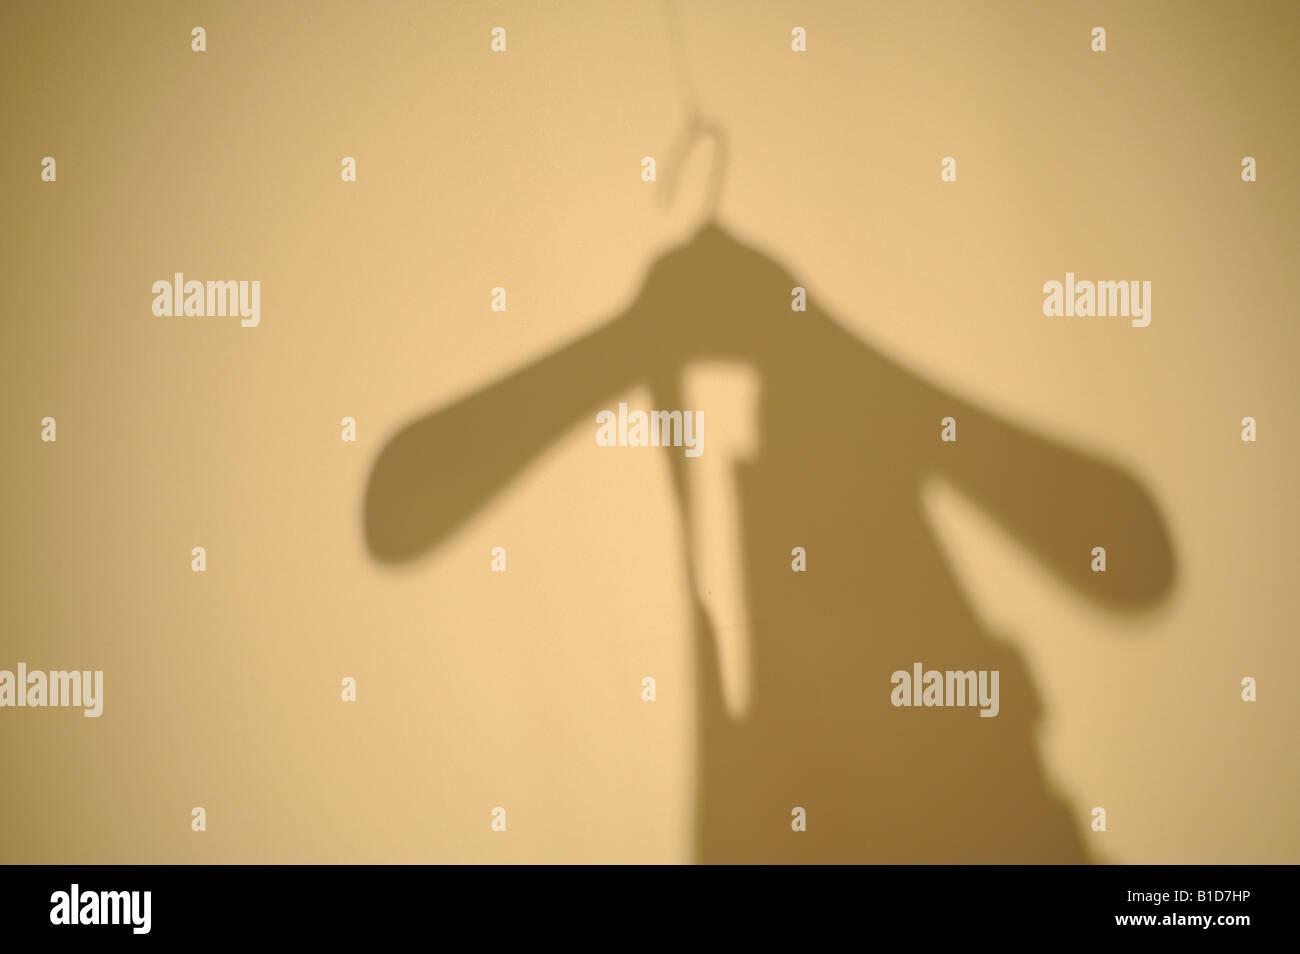 coat hanger - Stock Image